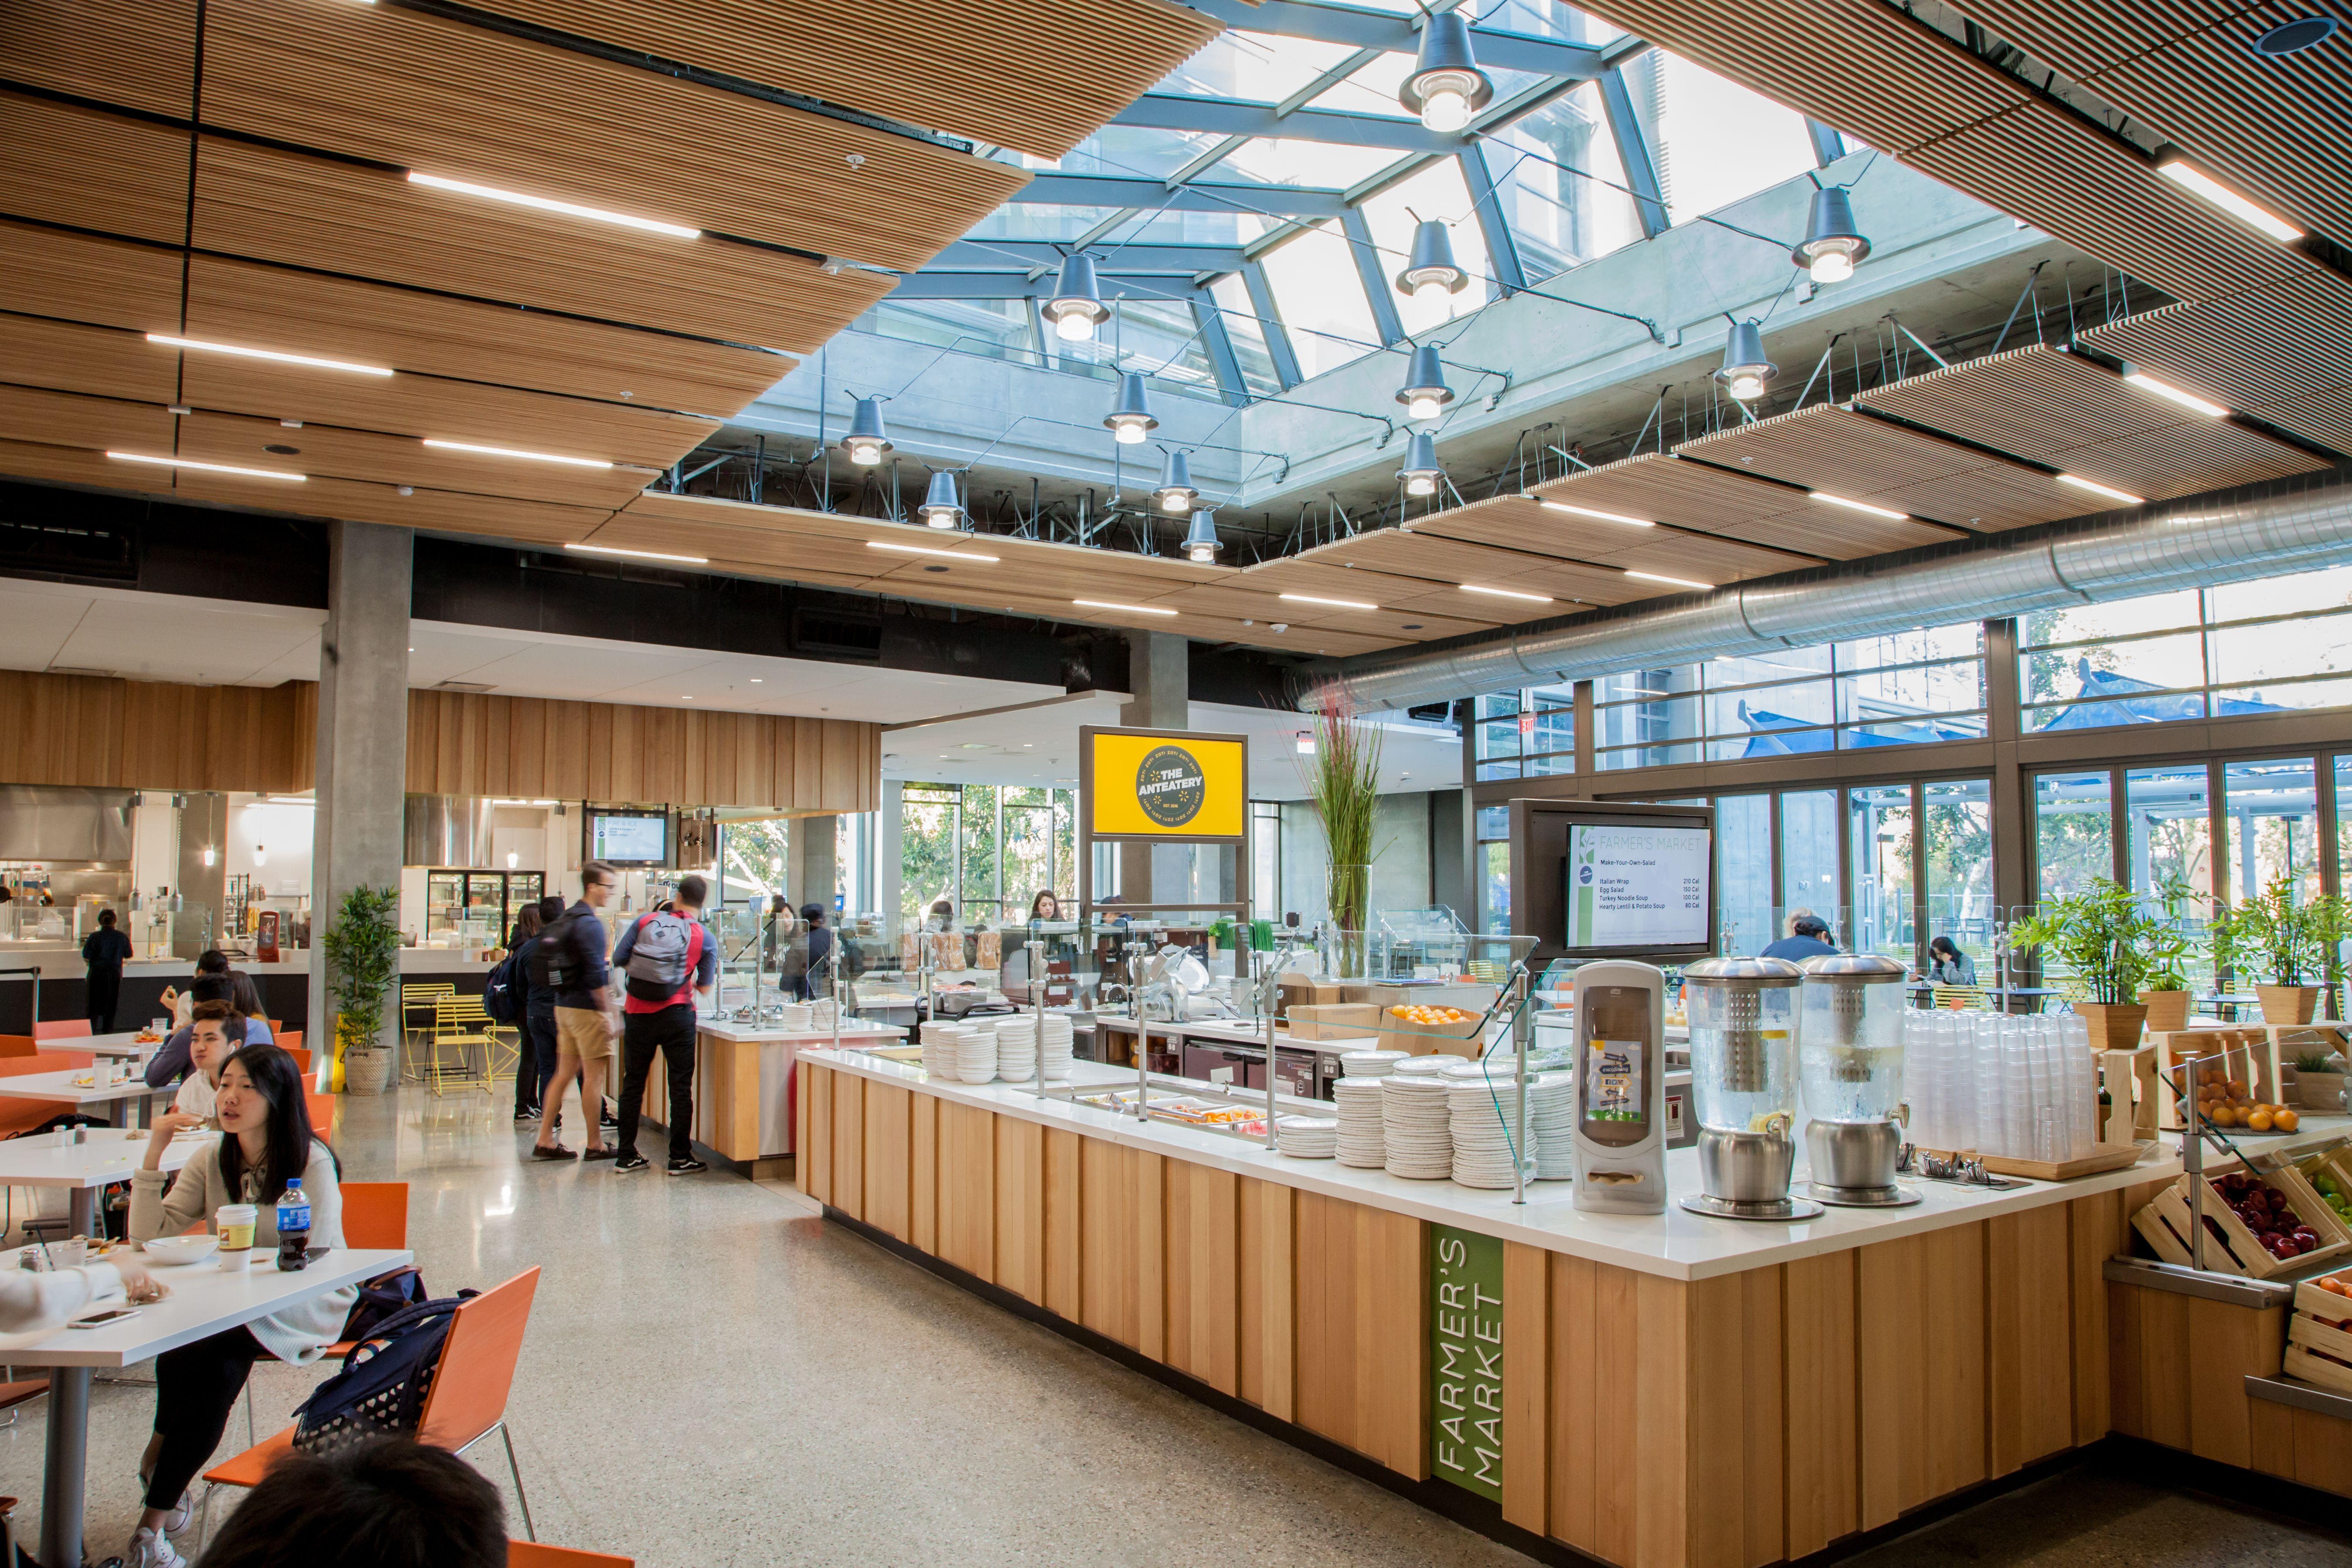 Mesa court towers portfolio campus design